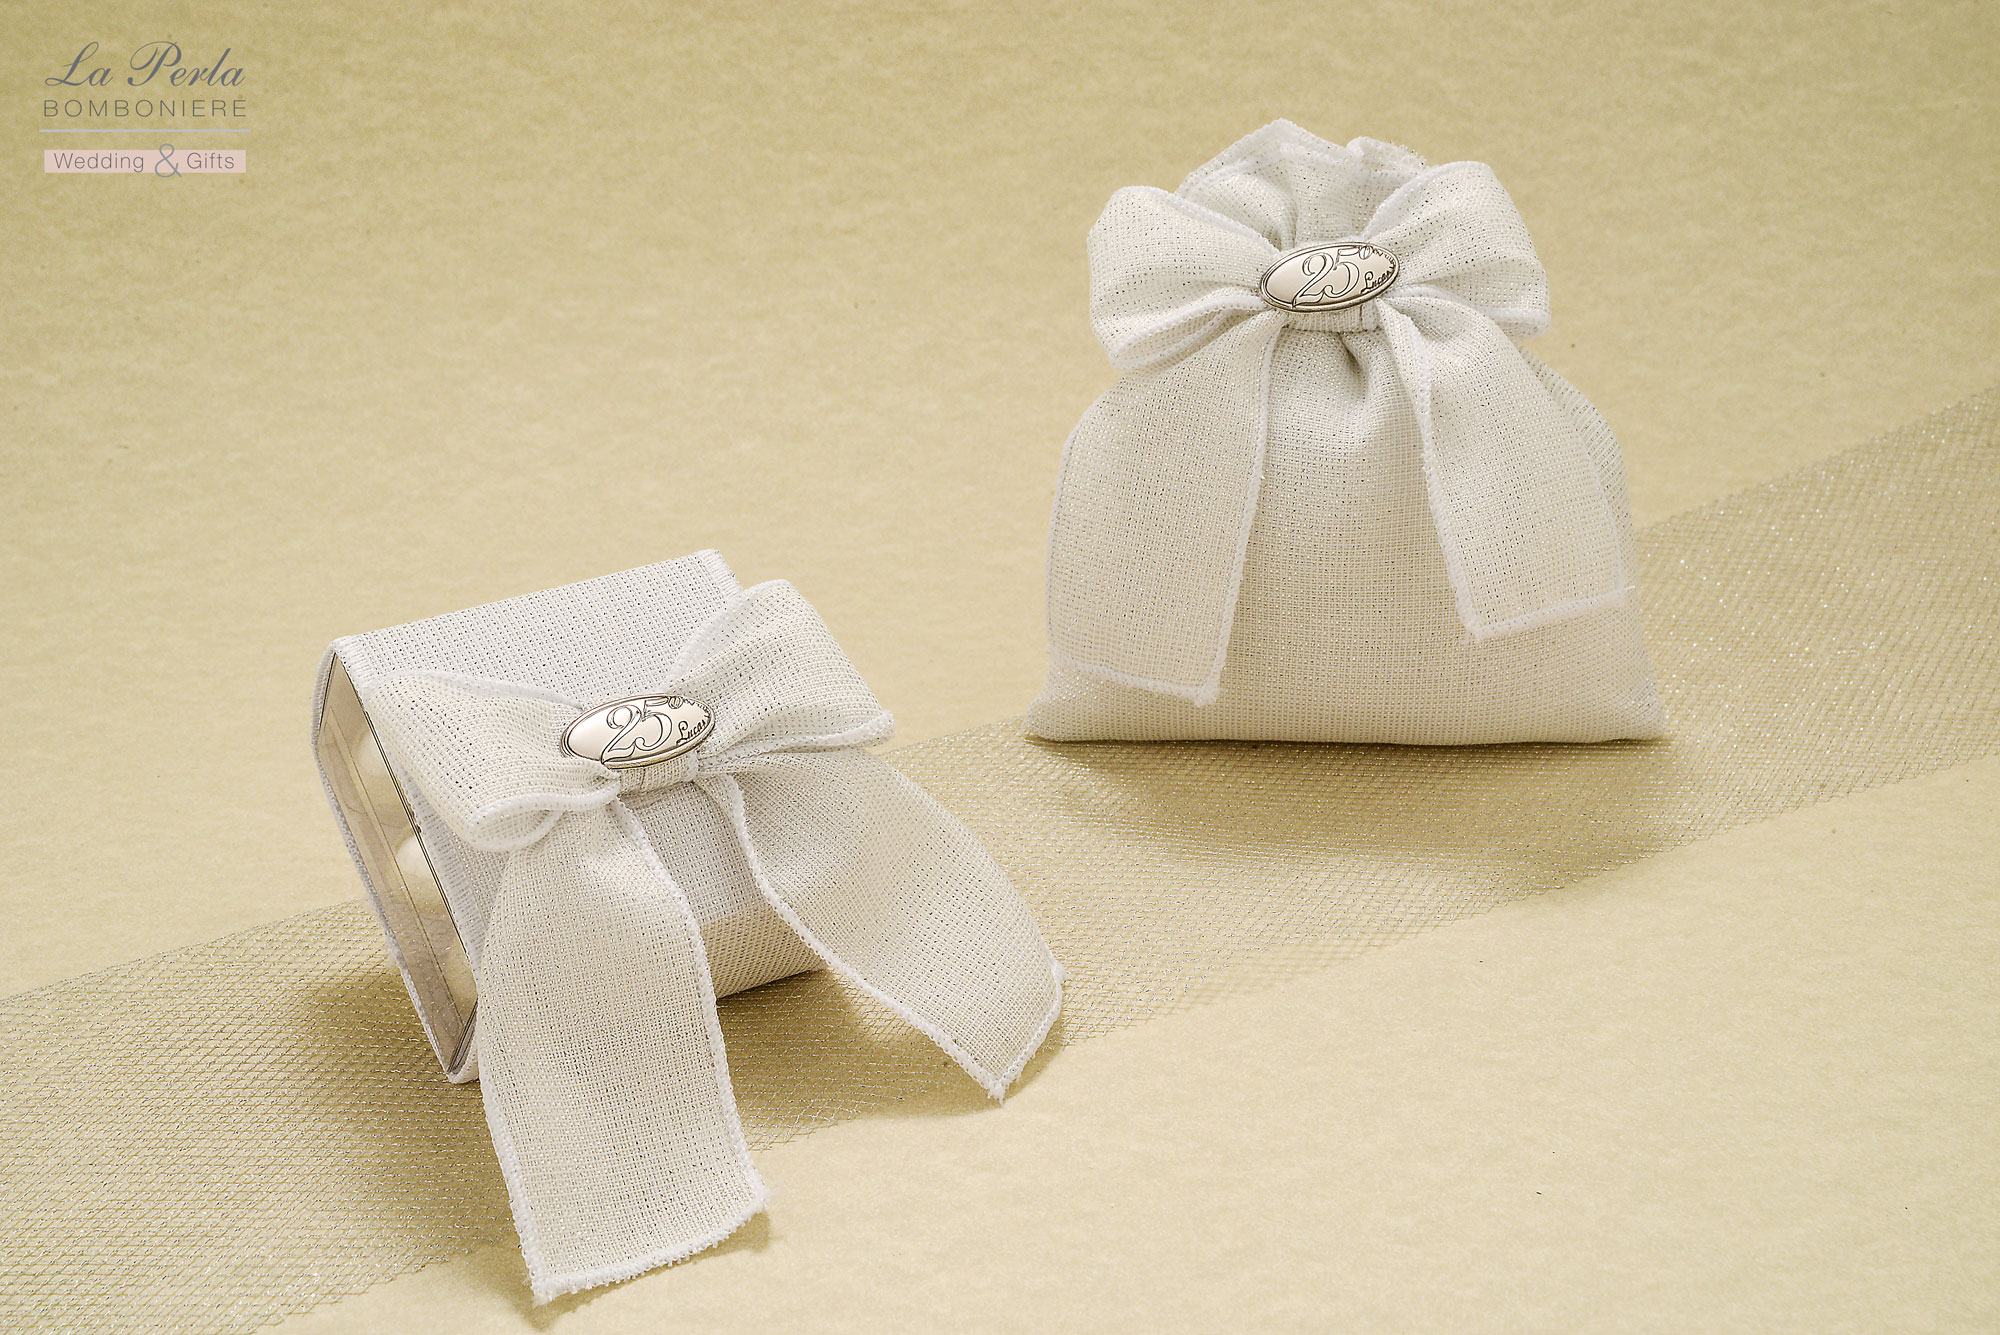 Scatolina in pvc e sacchettino in tessuto laminato argento con targhetta 25° in argento. Molto delicato e raffinato la presenza dell'argento sul tessuto.